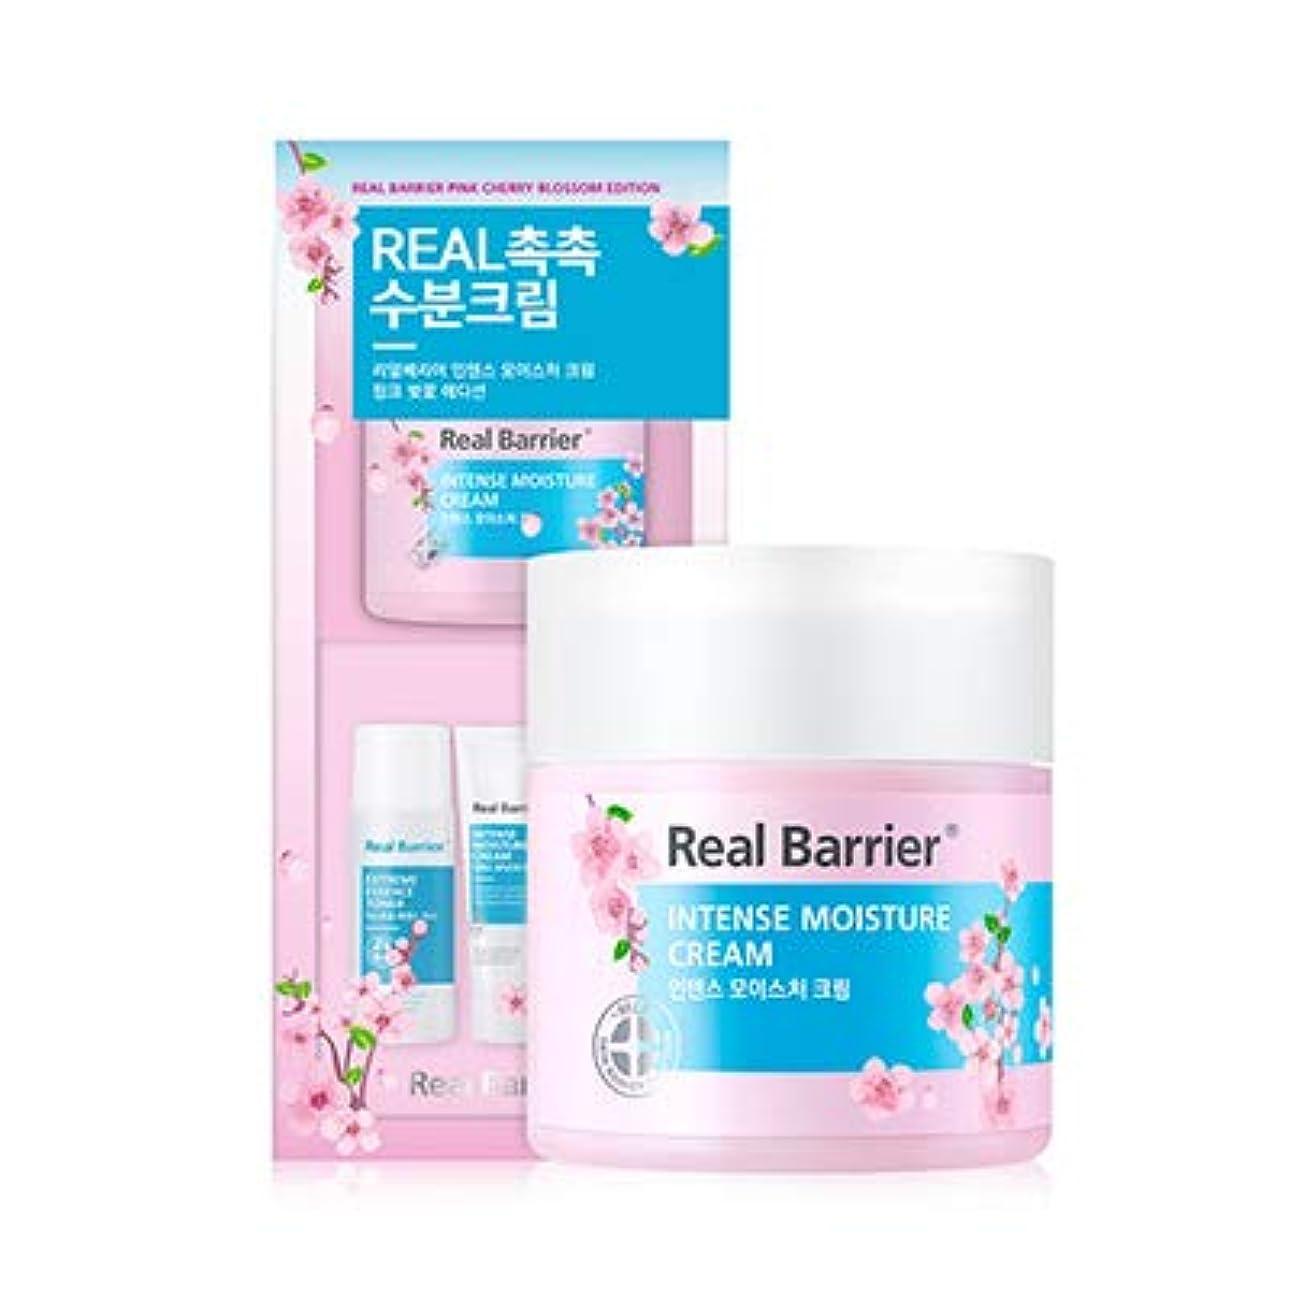 リアルバリア インテンス モイスチャー クリーム ピンク チェリー ブラッサム エディション ATOPALM Real Barrier Intense Moisture Cream Pink Cherry Blossom...